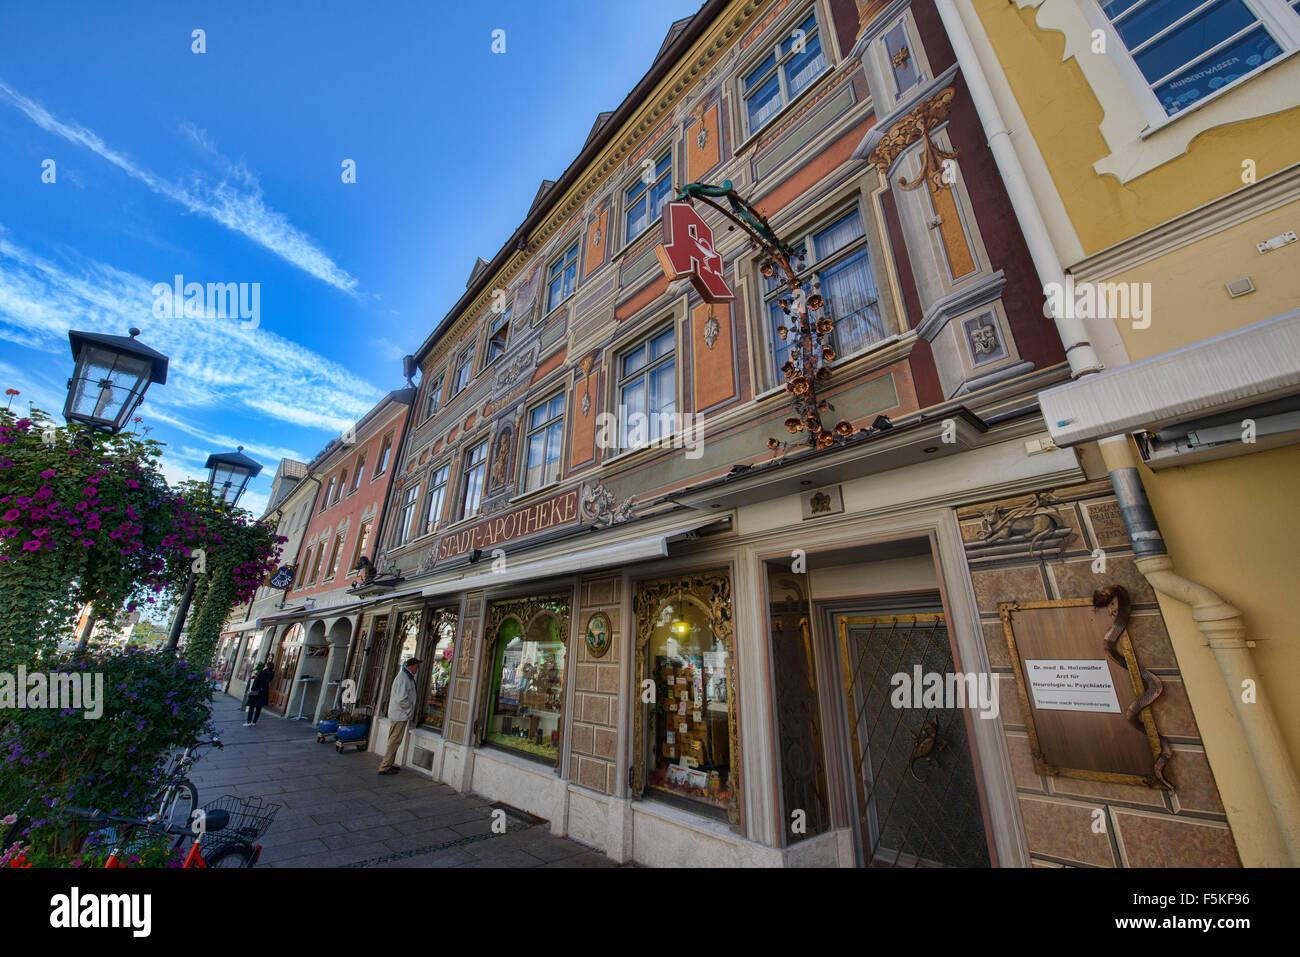 Die bunt bemalten Stadt Apotheke Apotheke in Füssen, Deutschland Stockbild